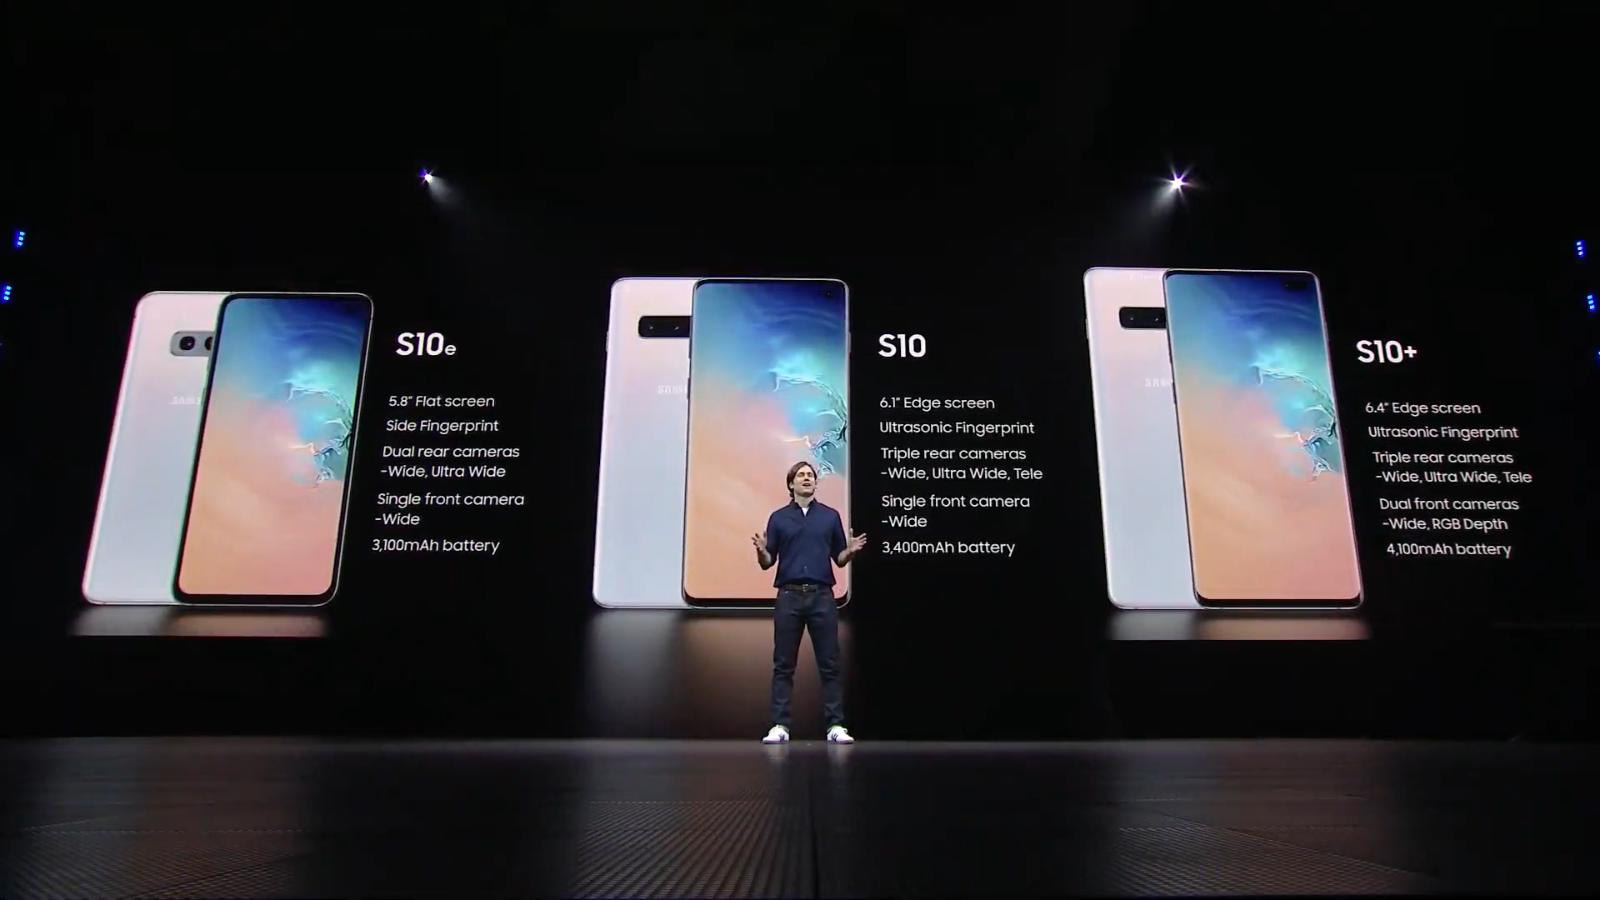 Lernen Sie die Galaxy S 10-Familie kennen: Galaxy S10, S10 Plus, S10 5G und S10E